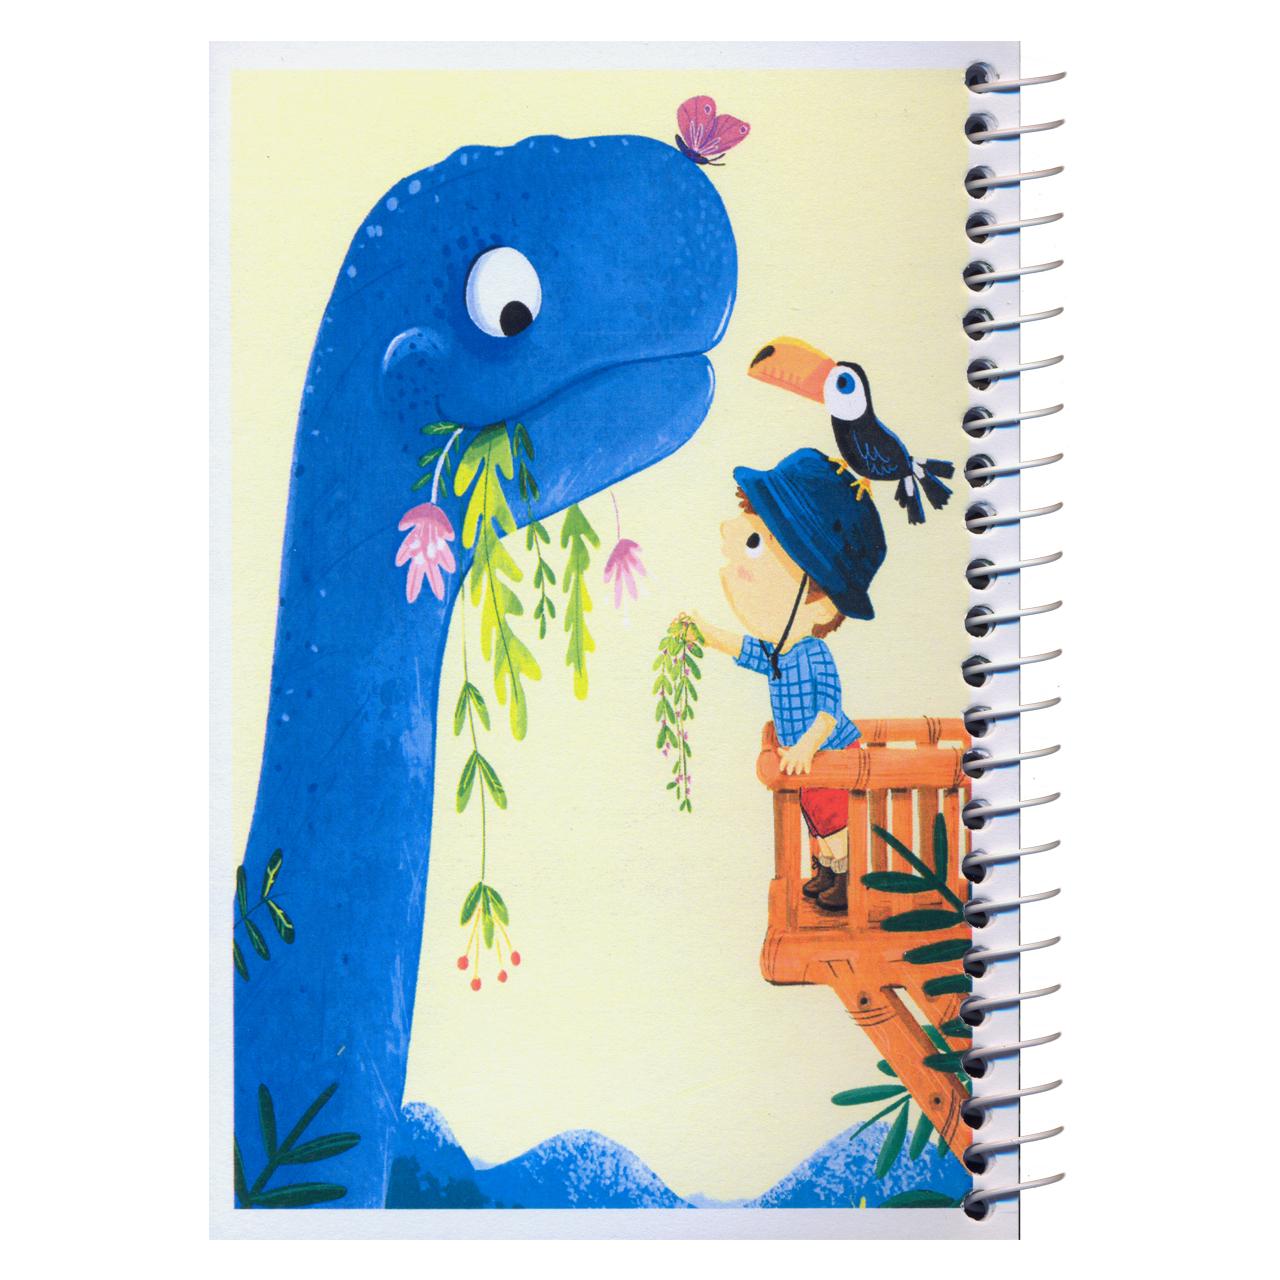 دفترچه یادداشت مدل کژوال طرح دایناسور مهربان سایز متوسط